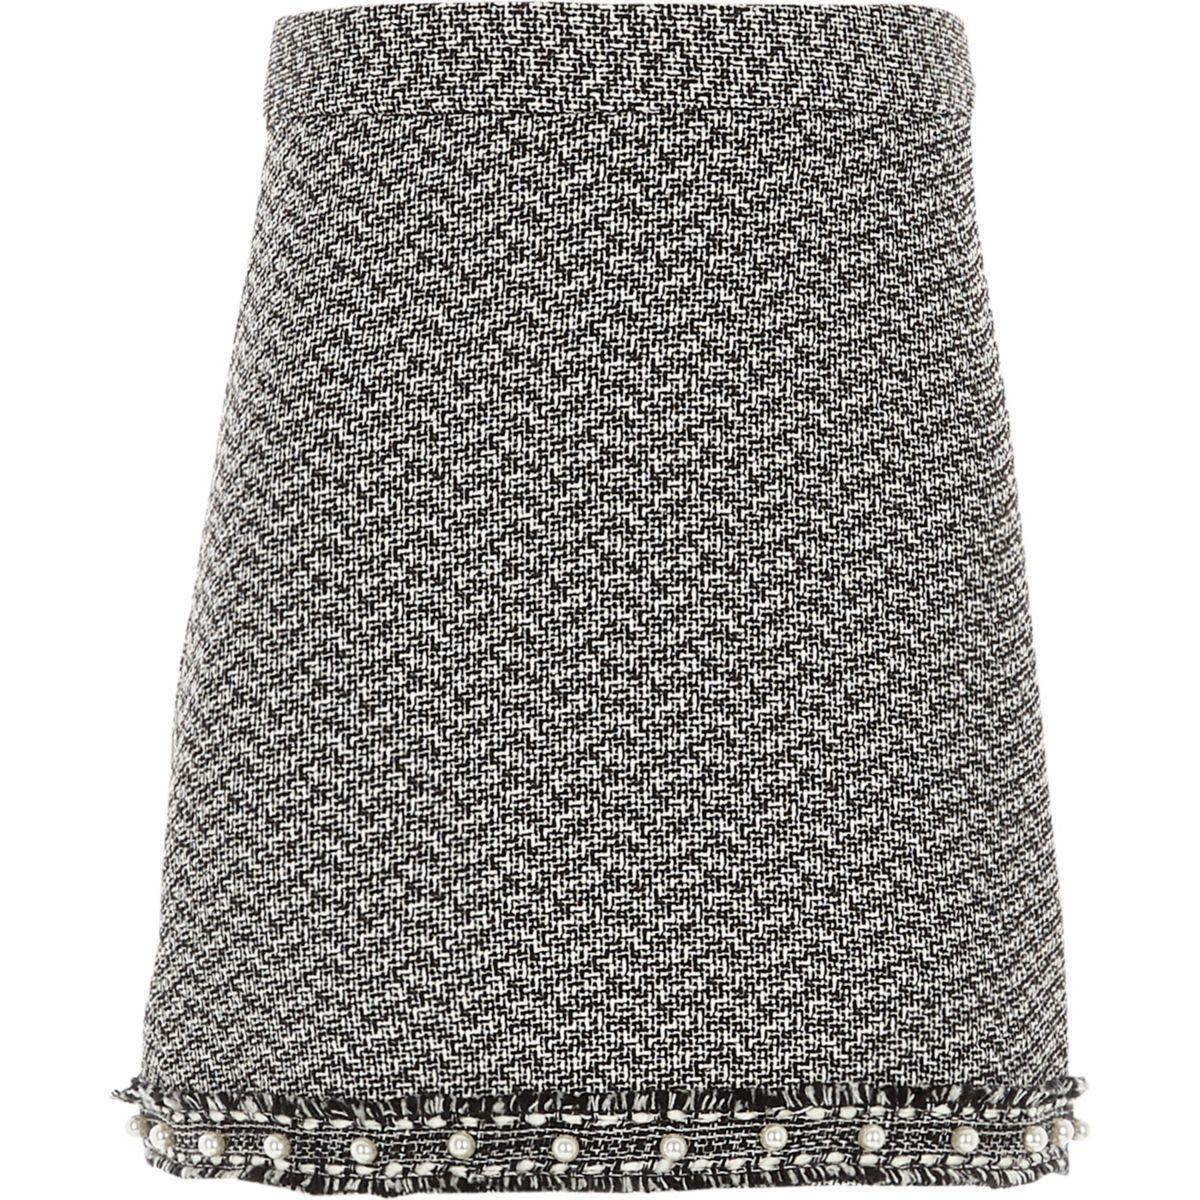 Jupe en maille bouclée noire avec ourlet orné de perles pour fille